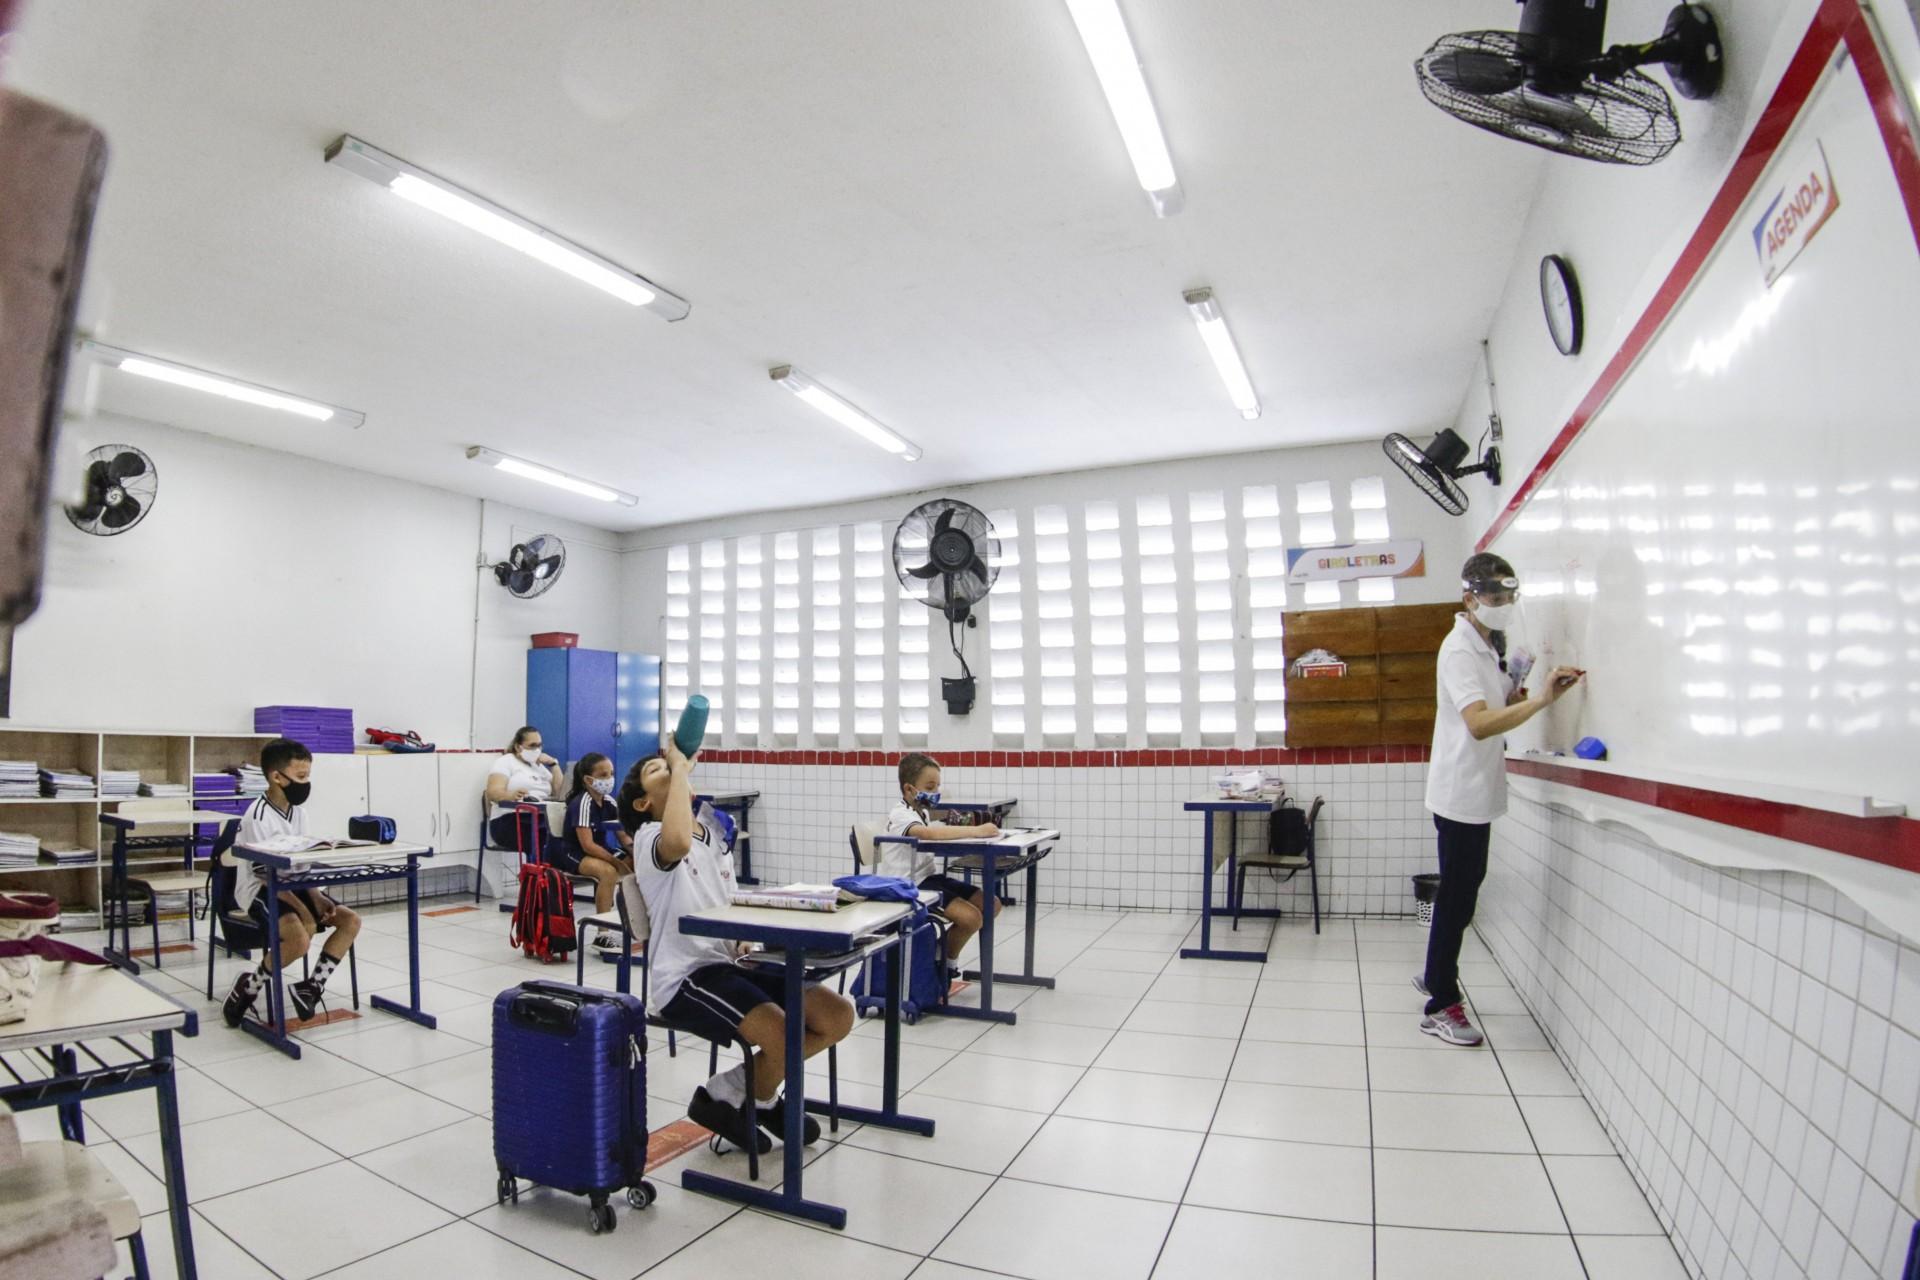 Aulas presenciais no Infantil, 1ª, 2ª e 9ª série do Fundamental  e 3º ano do Médio já estavam liberadas com limitação de capacidade